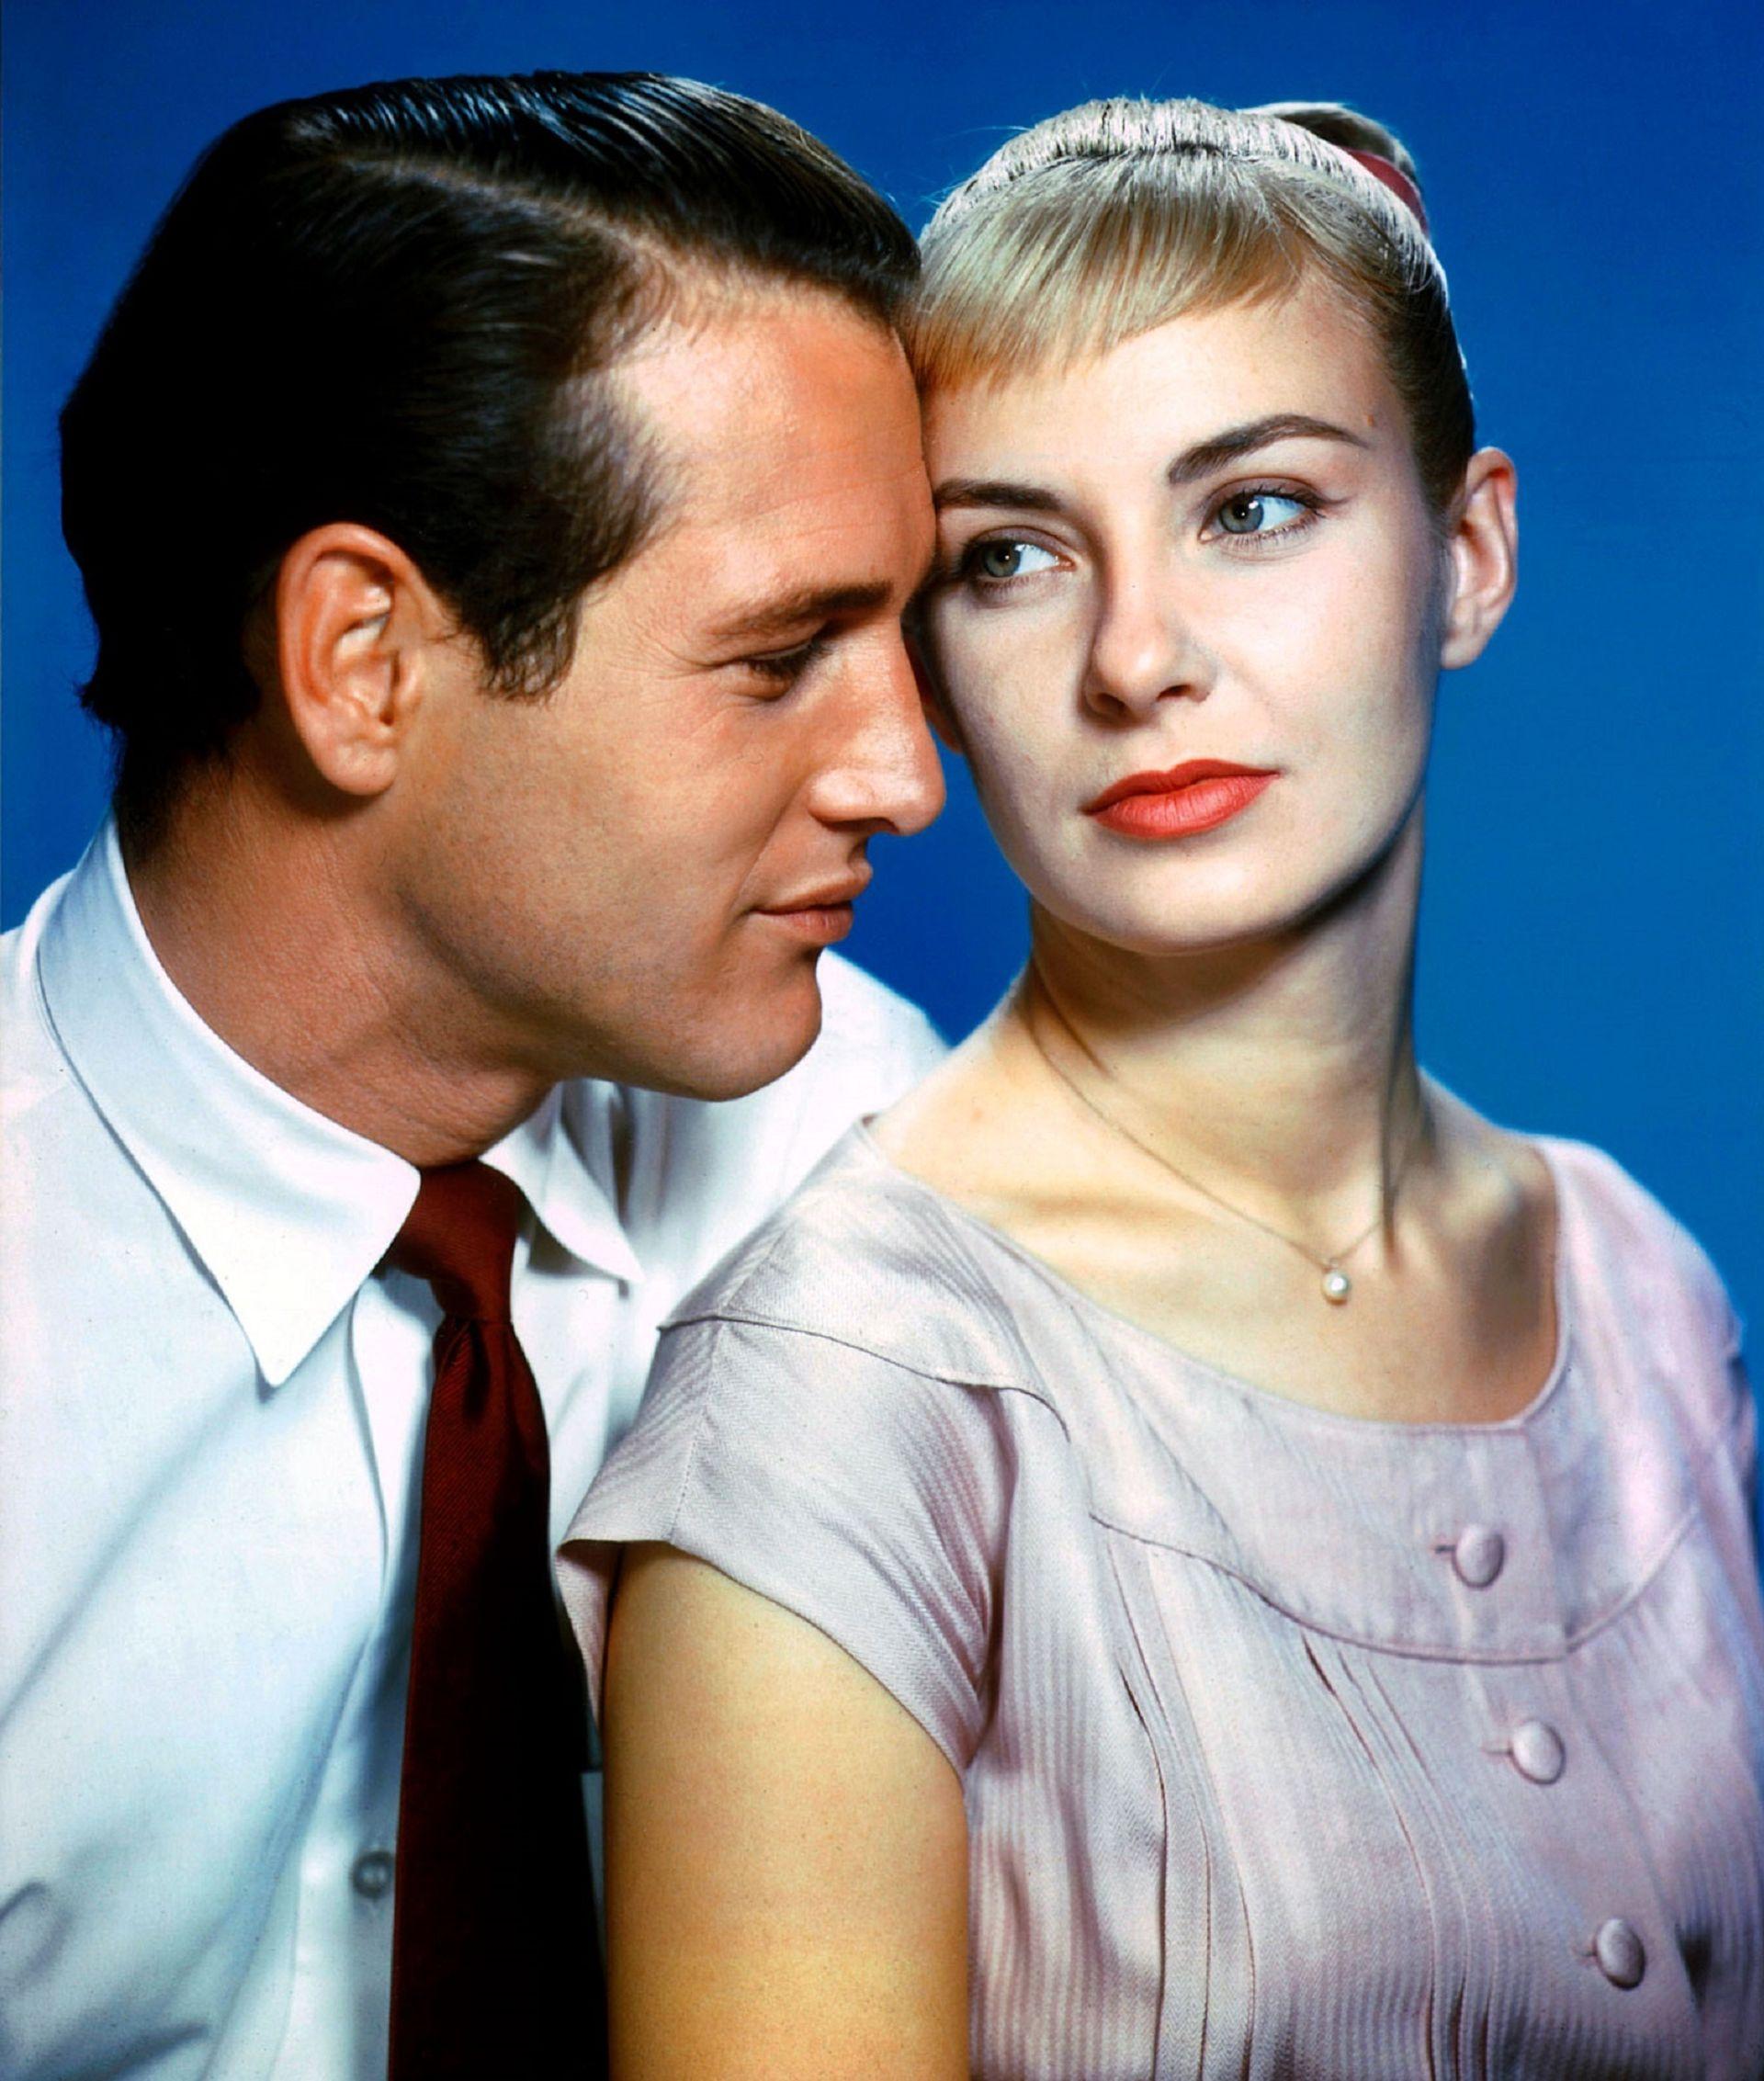 REKORDNA CIJENA Rolex Paula Newmana prodan za 17.8 milijuna dolara